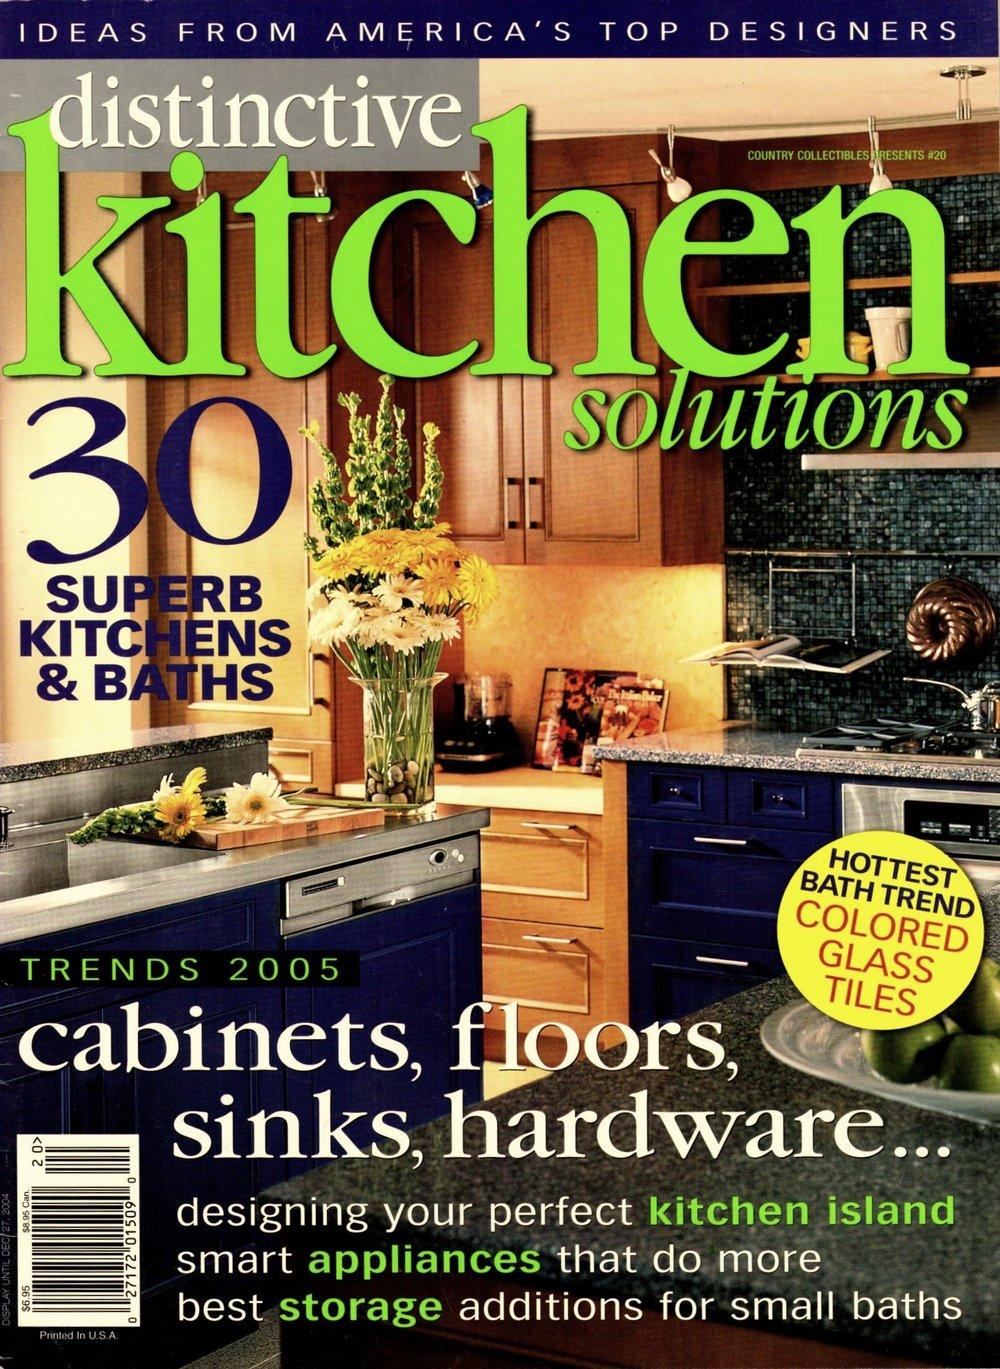 Distinctive Kitchen Solutions, December 2004